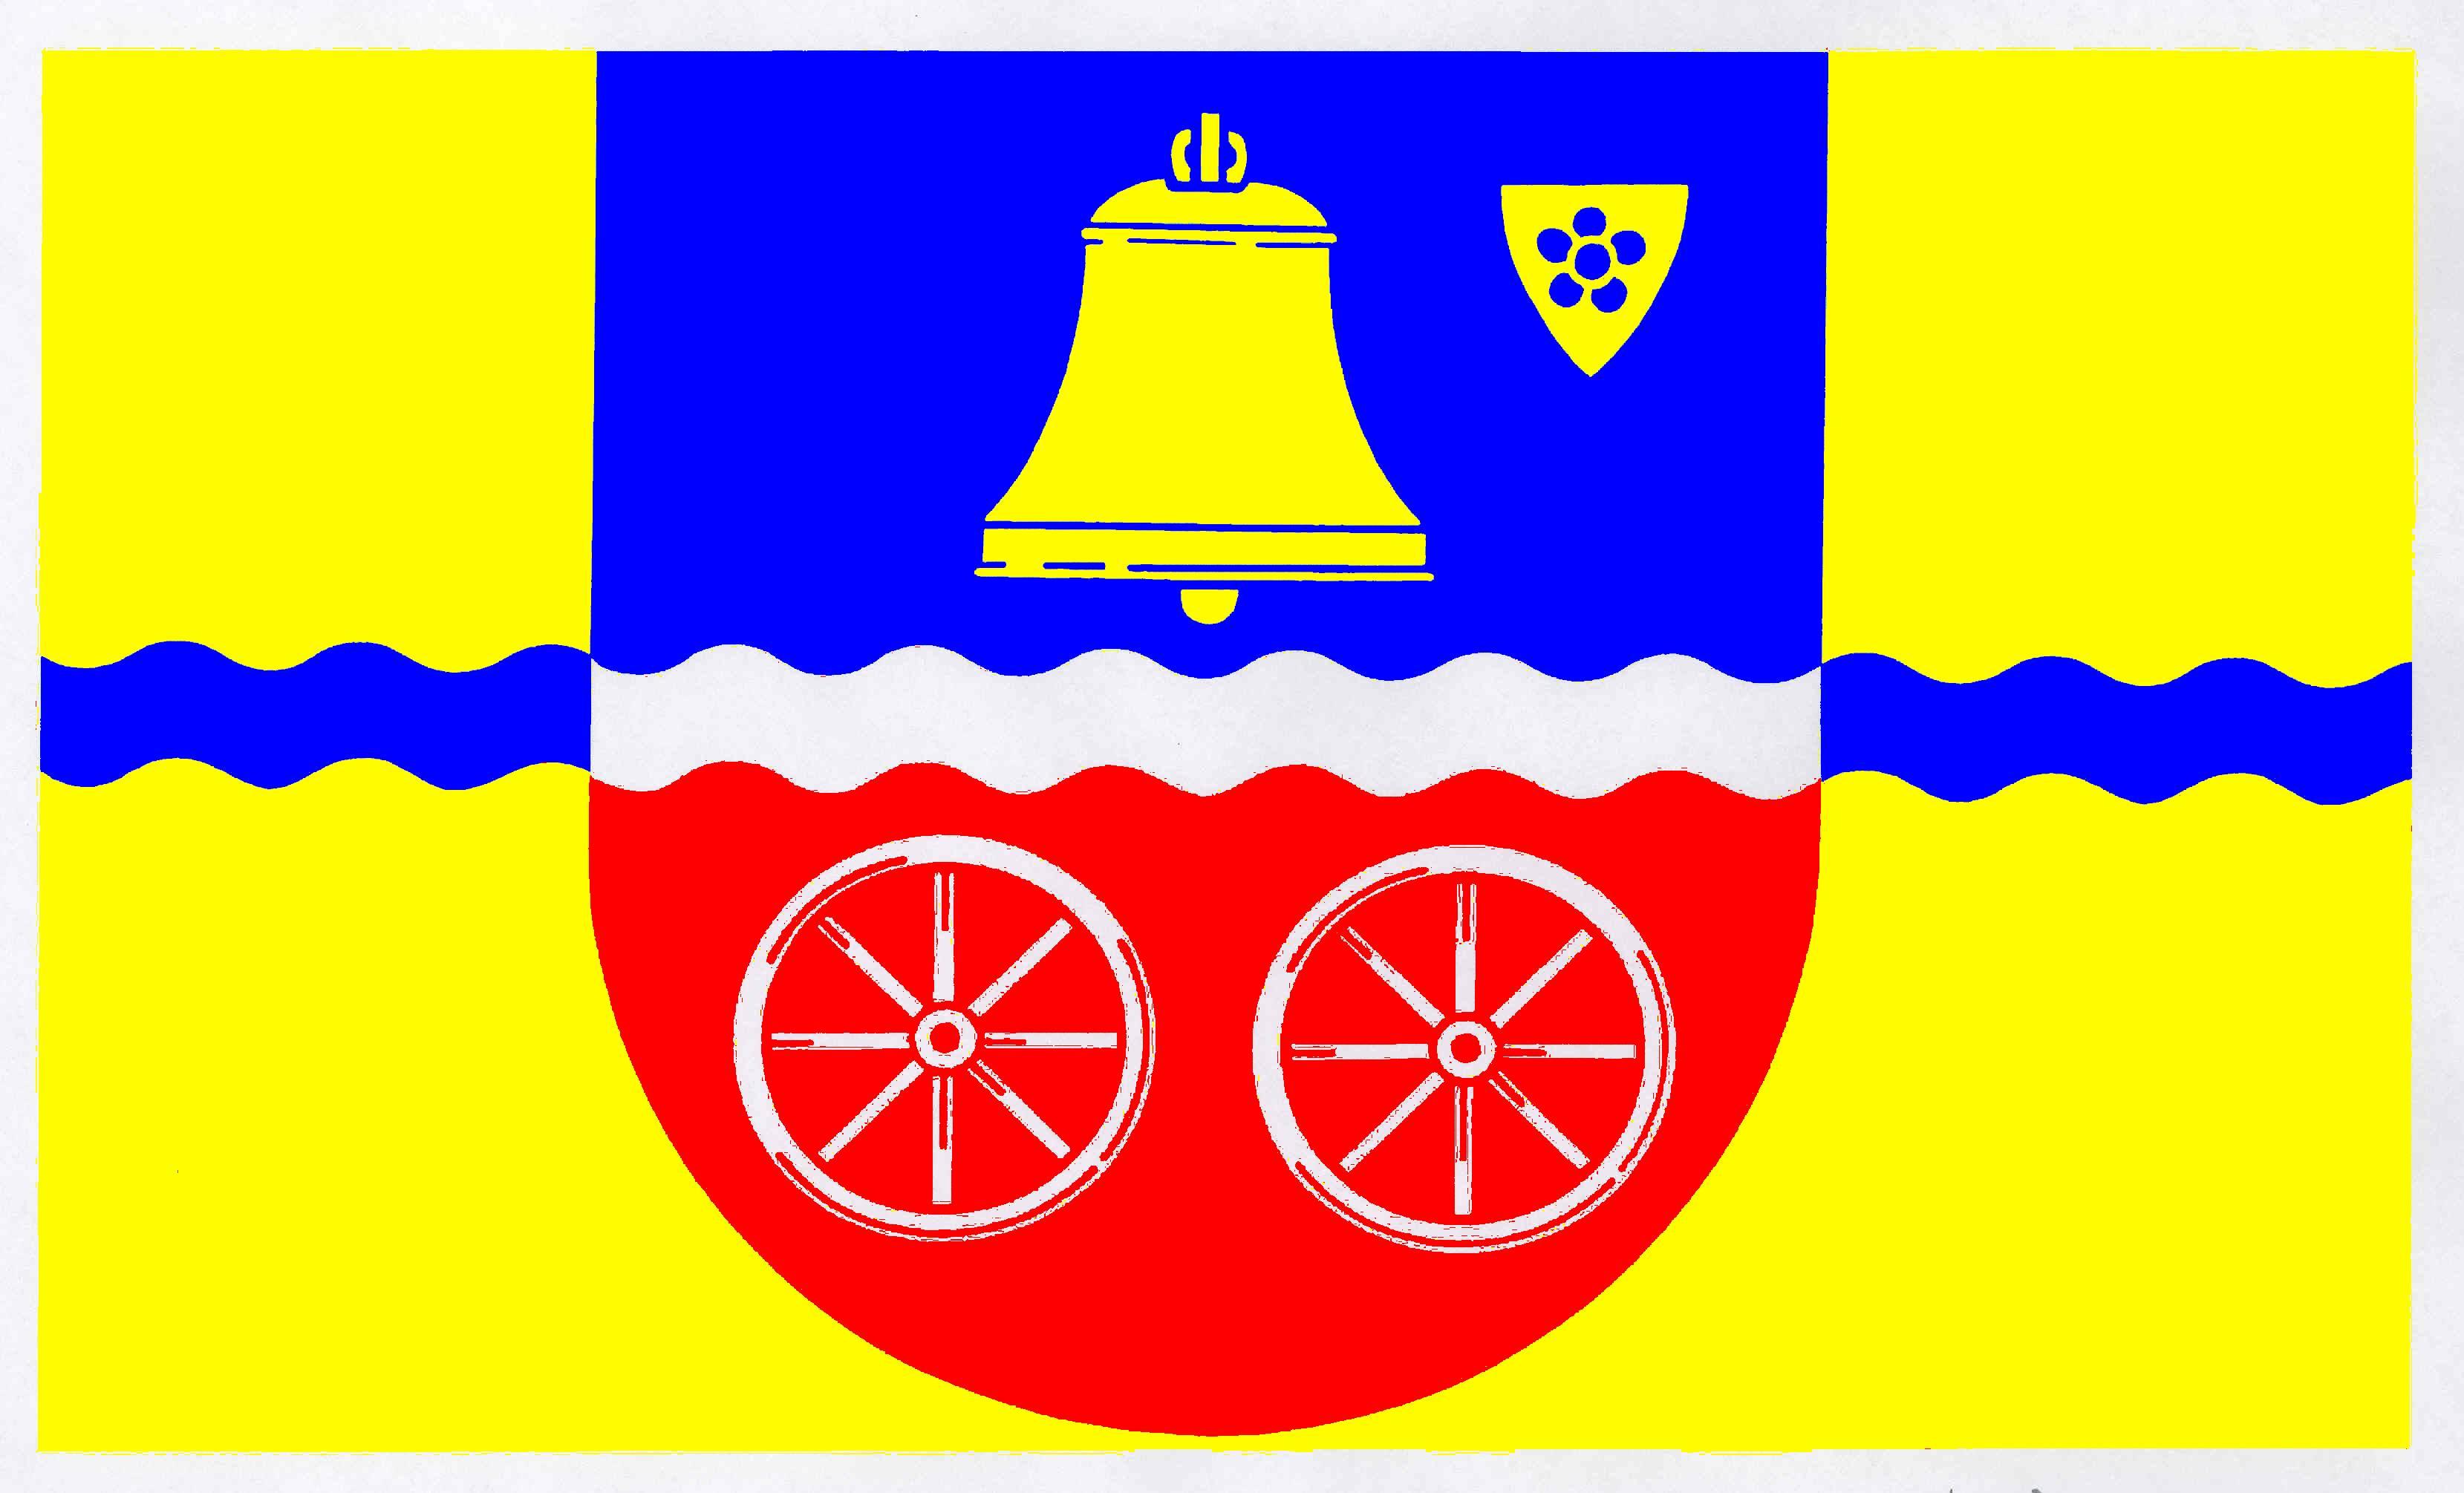 Flagge GemeindeLütjensee, Kreis Stormarn